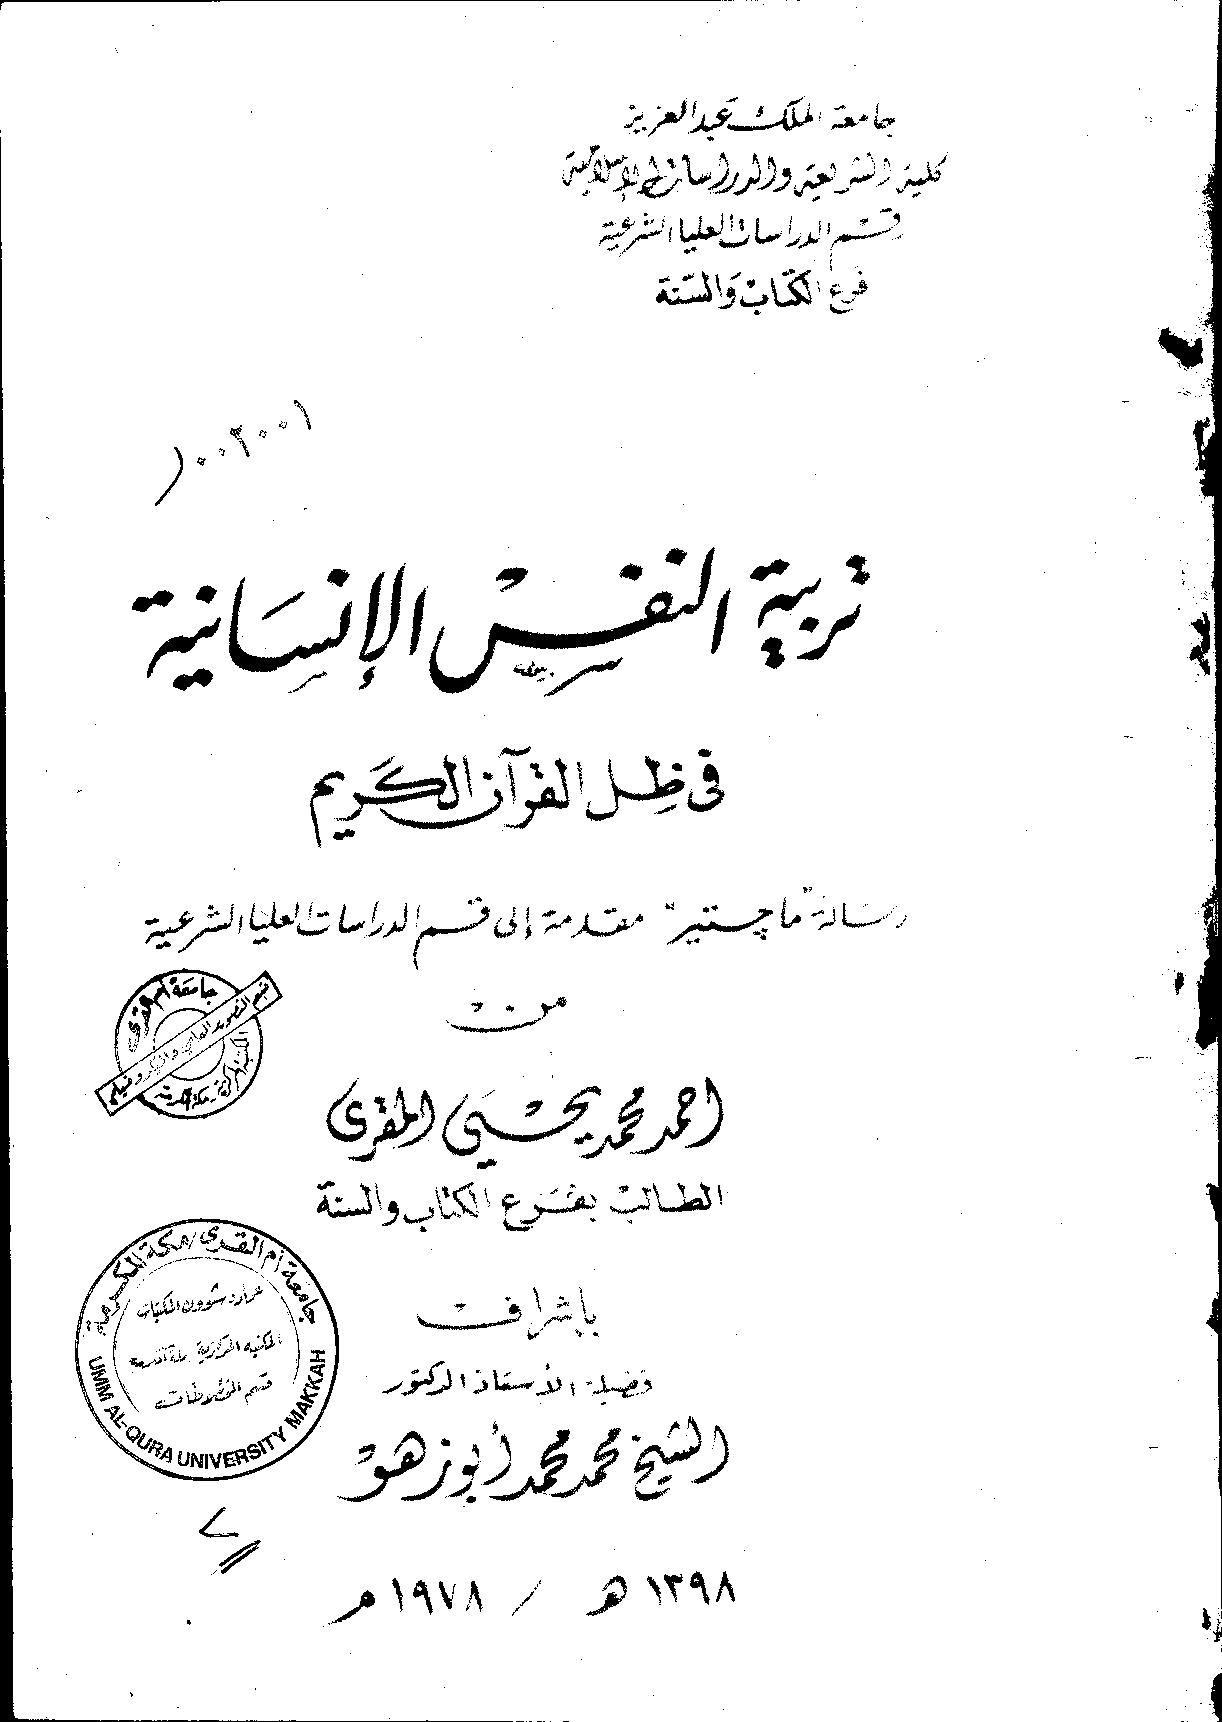 تحميل كتاب تربية النفس الإنسانية في ظل القرآن الكريم لـِ: أحمد محمد يحيى المقري